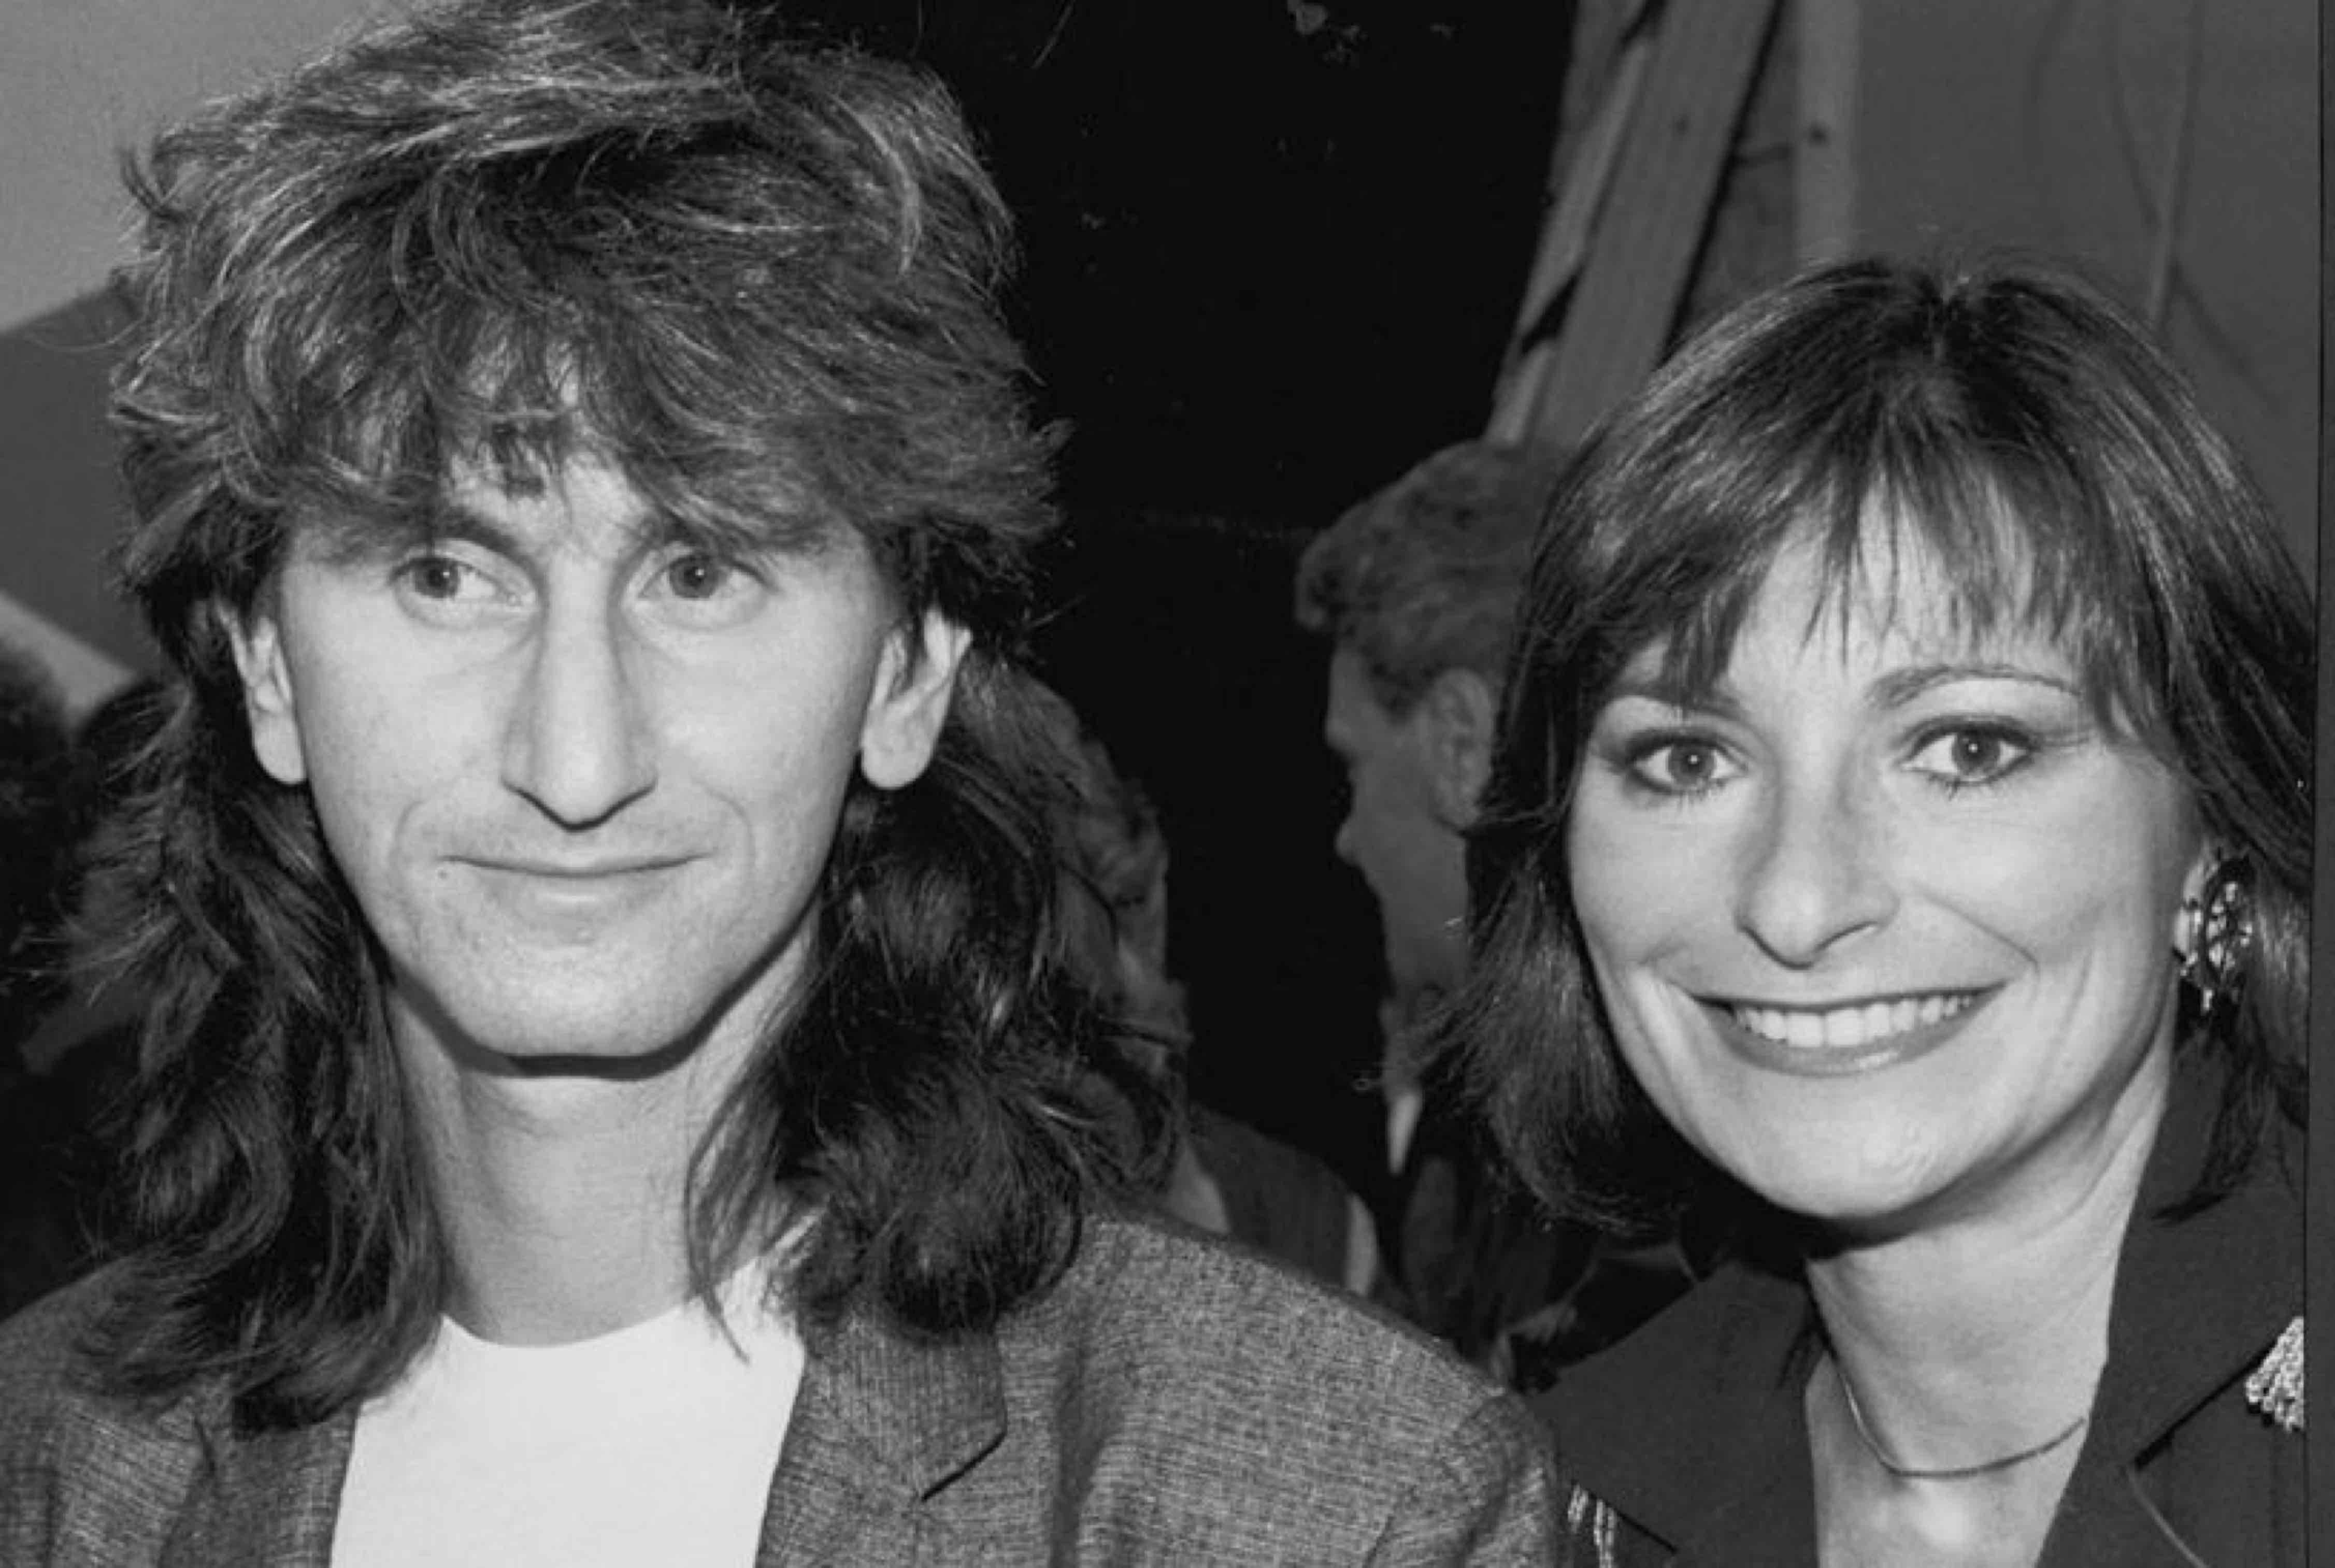 Un homme aux cheveux aux épaules se tient à côté d'une femme aux cheveux courts.